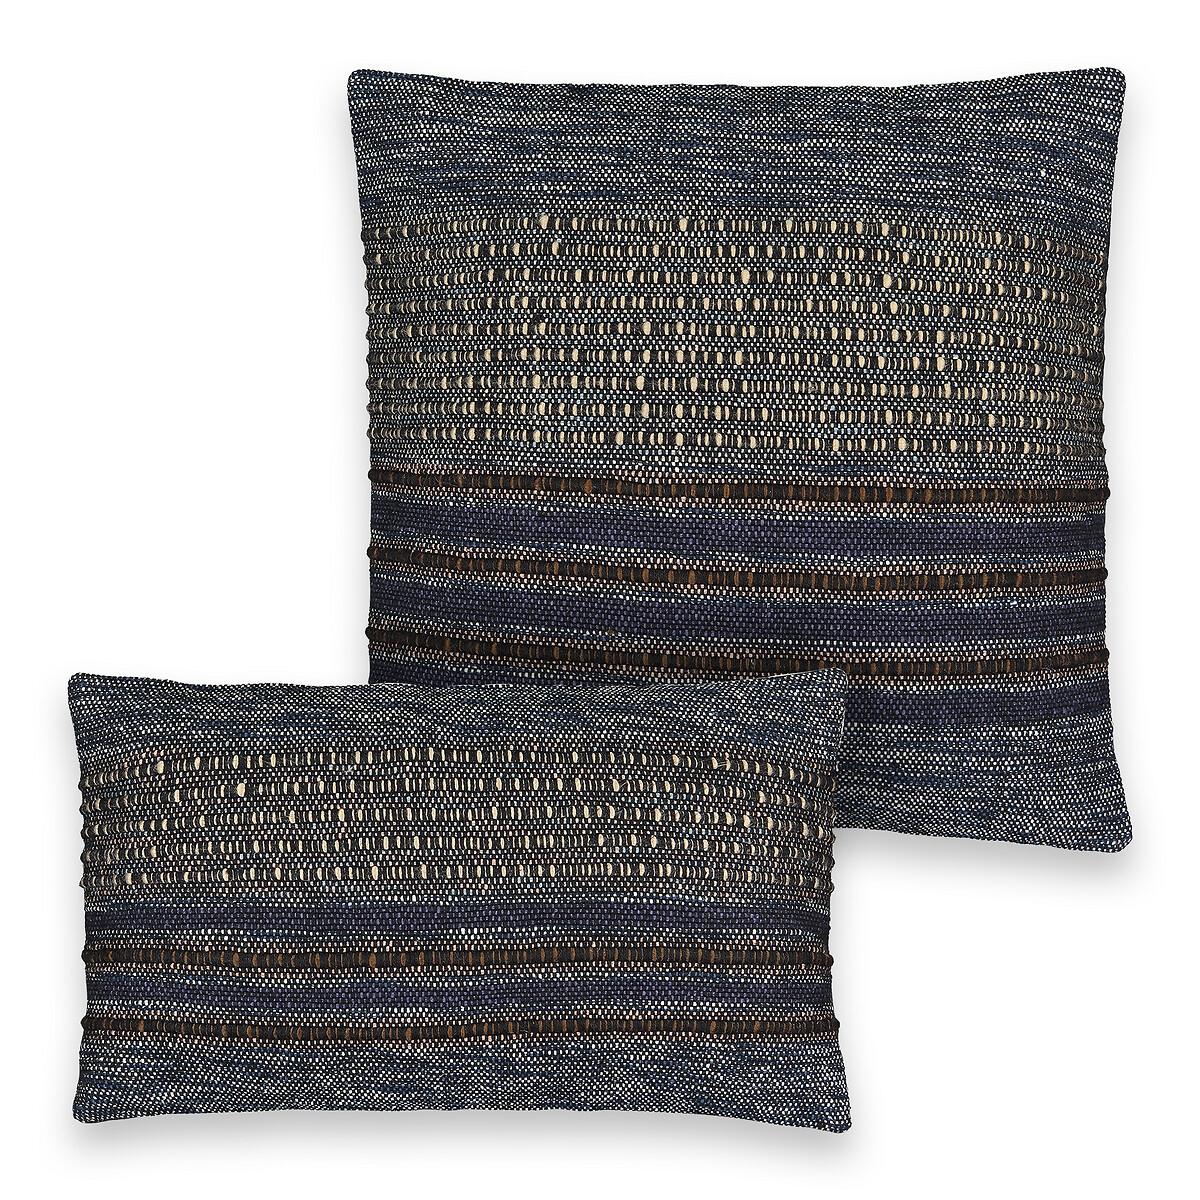 Чехол LaRedoute На подушку из 64 хлопка 21 акрила 12 полиэстера 3 вискозы Medina 50 x 50 см черный